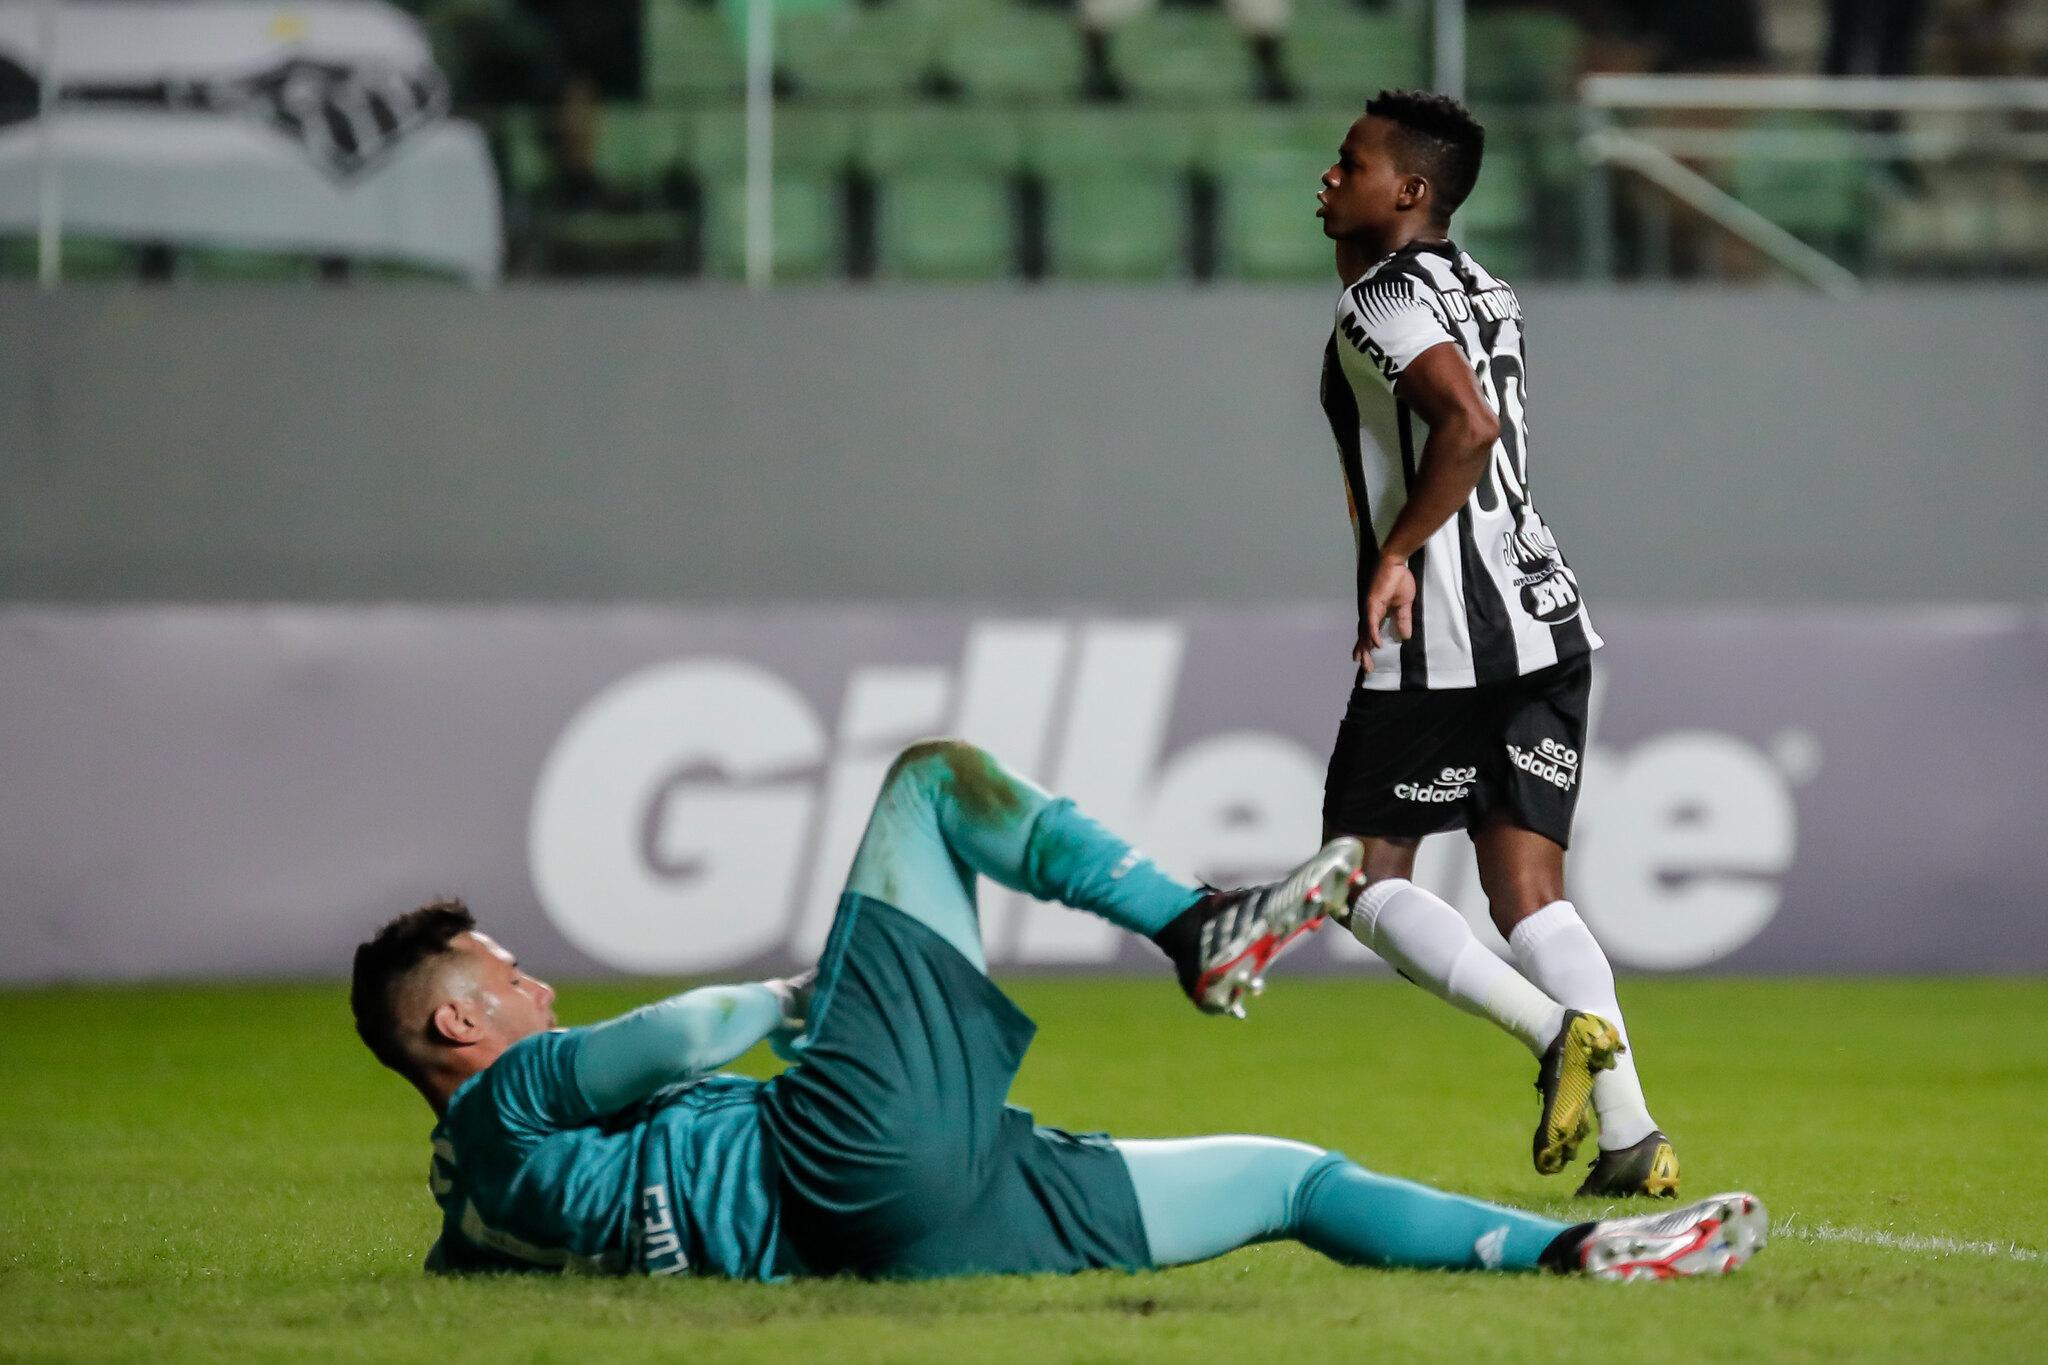 El ecuatoriano marcó el gol de la apertura en la victoria sobre Corinthians de Junior Sornoza